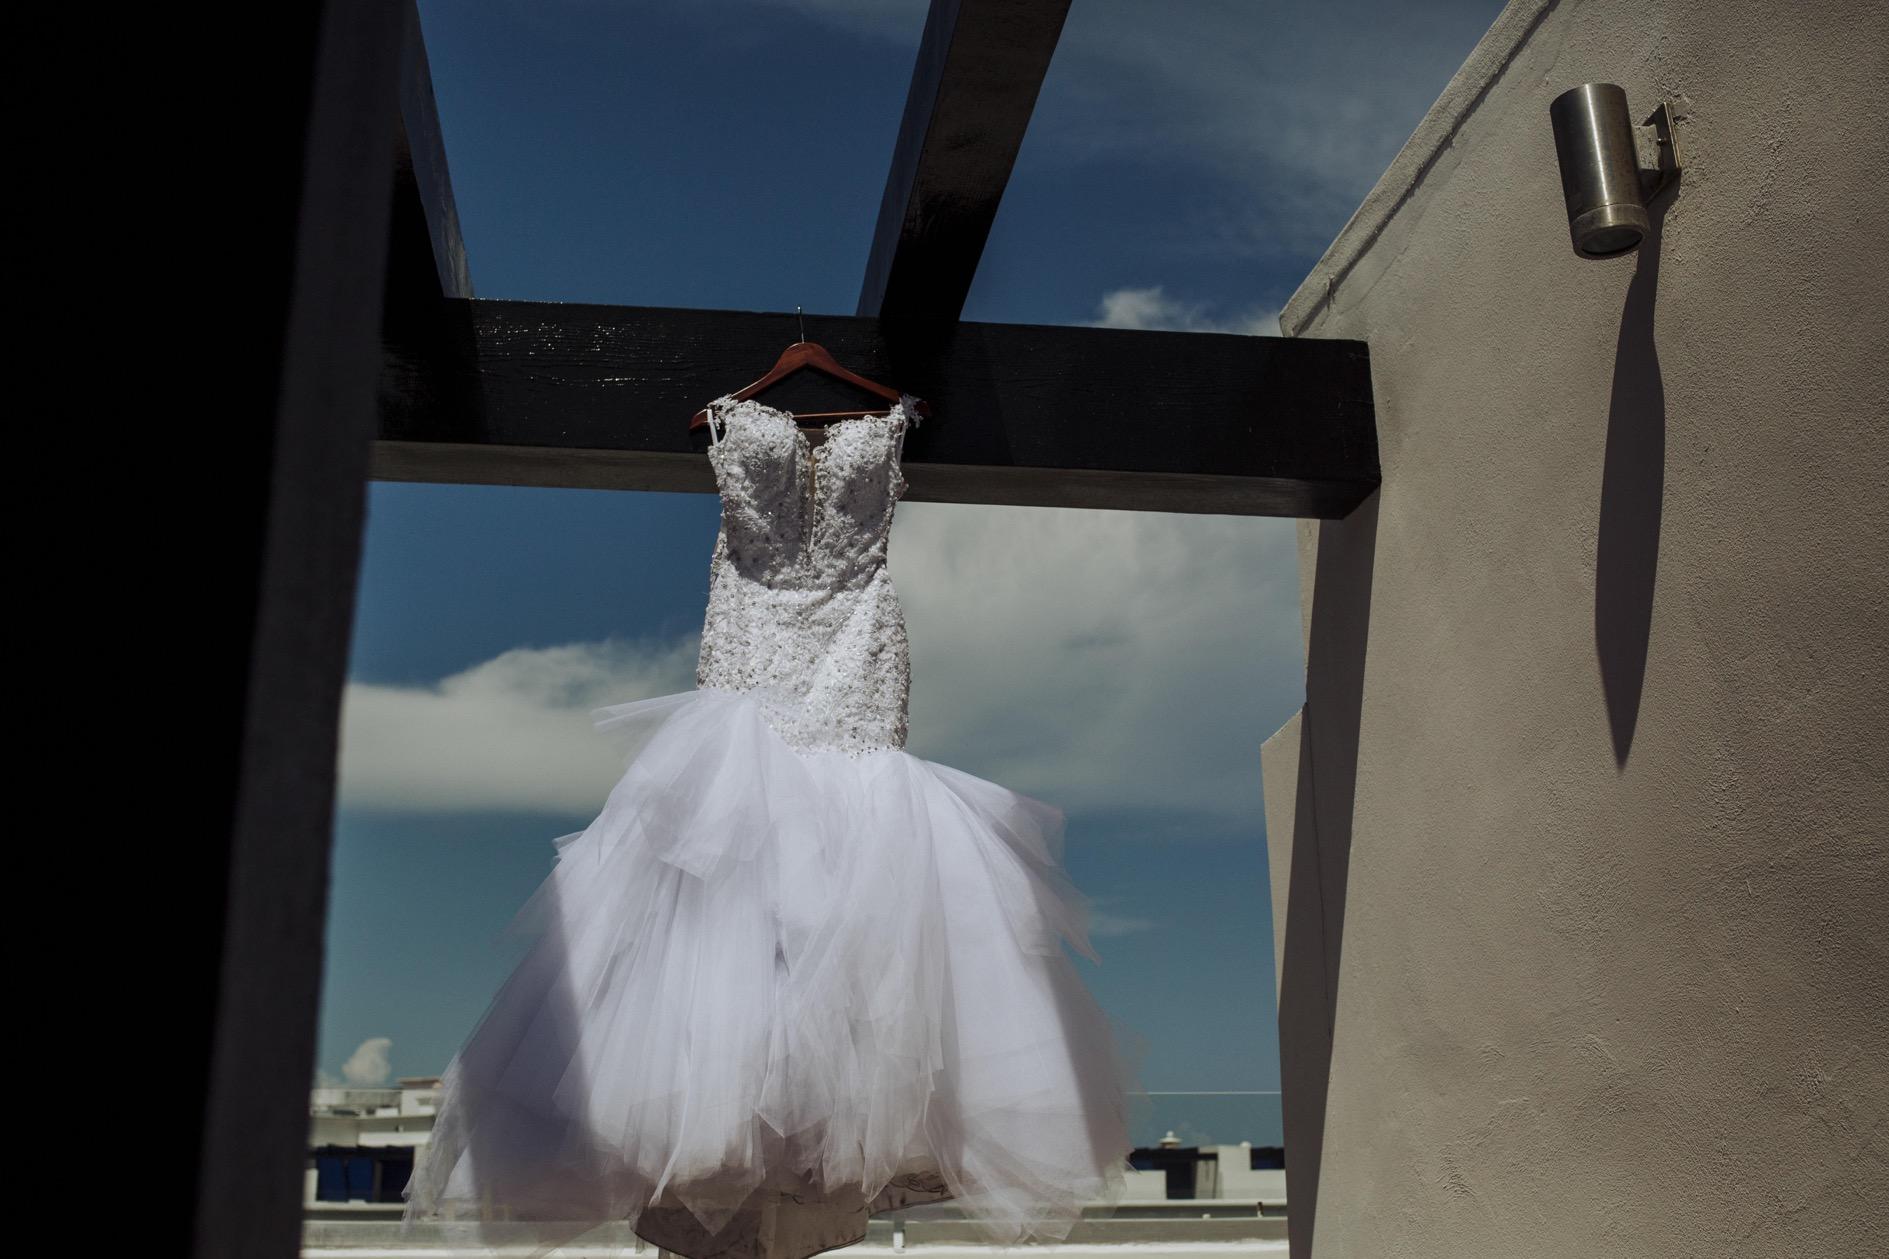 fotografo_bodas_profesional_zacatecas_riviera_maya_cancun-188